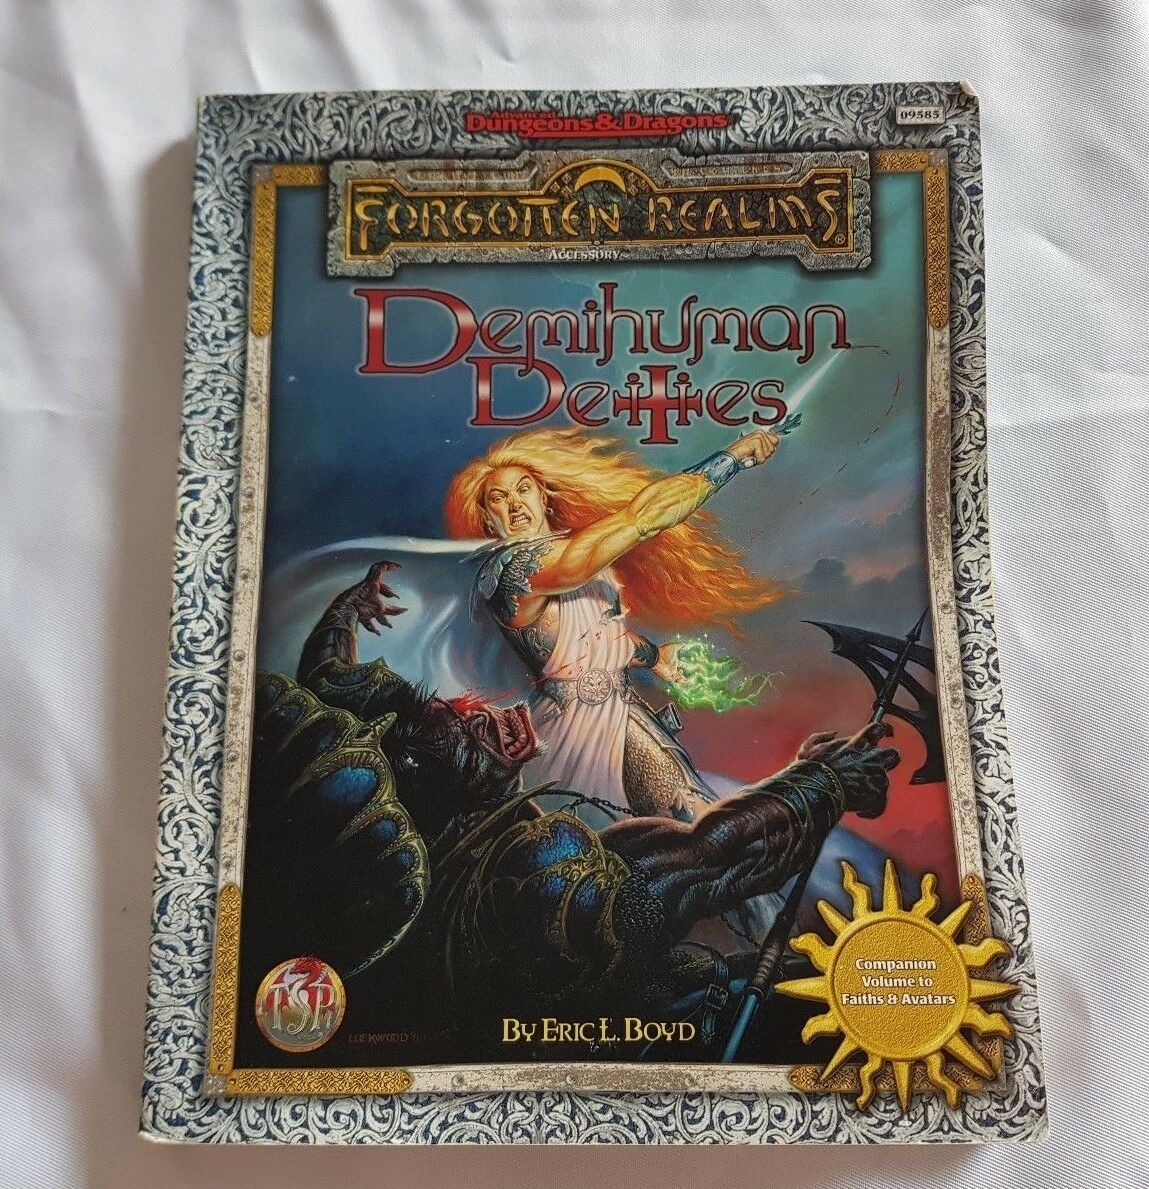 Dungeons & dragons - forgotten realms - demihuman gottheiten